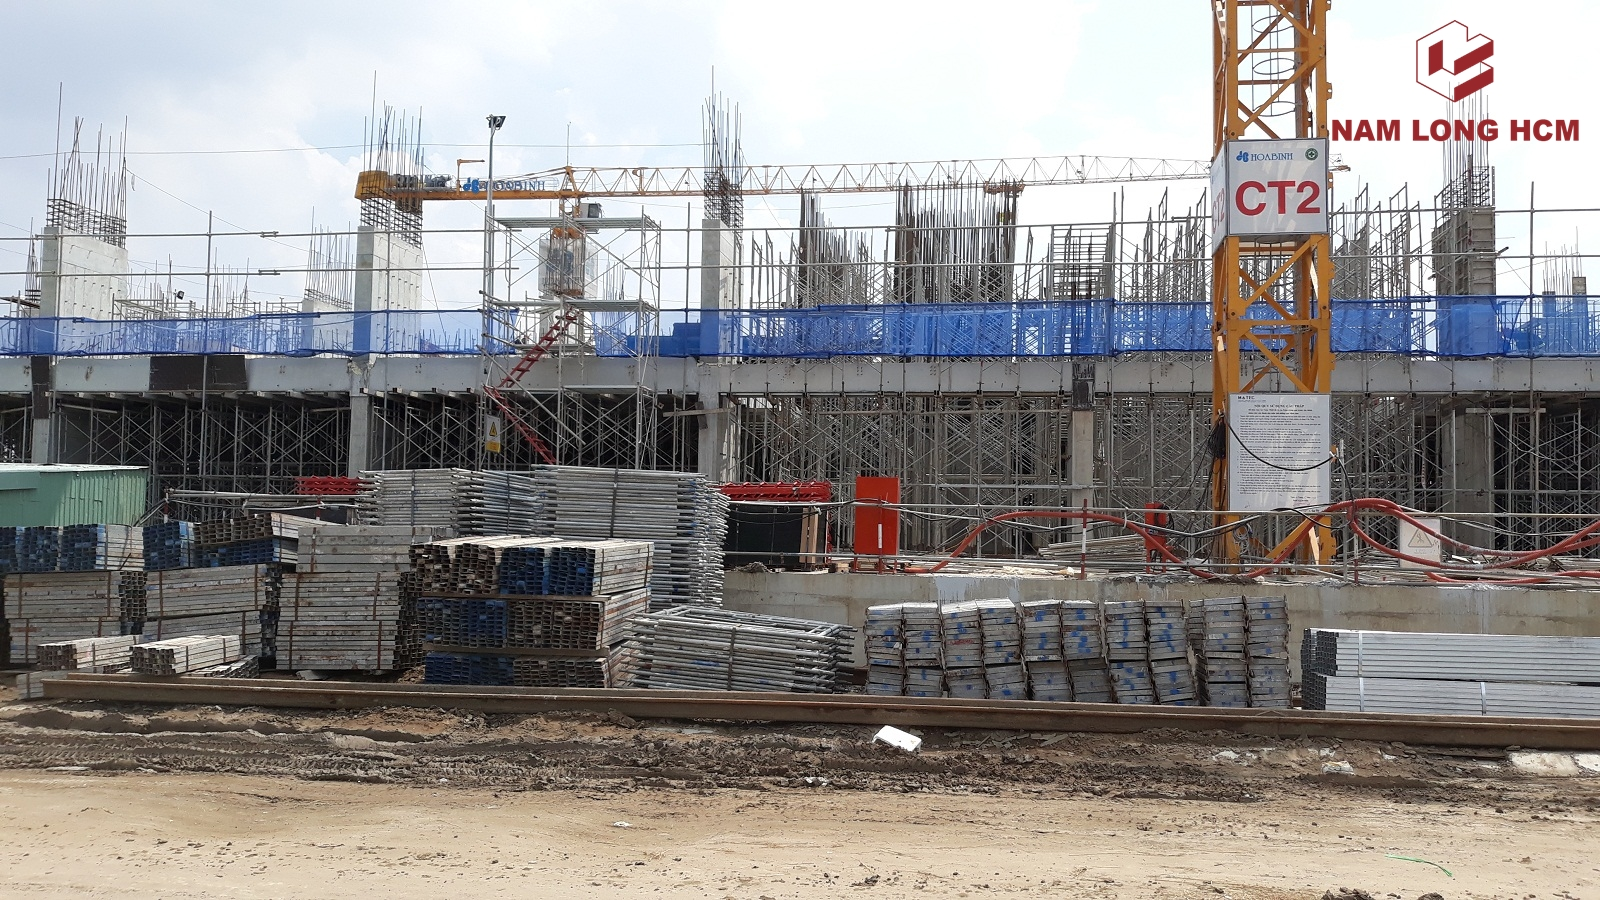 Cận cảnh xây dựng 2 Block MP1 và MP2 do Hòa Bình xây dựng. Ảnh: Nam Long HCM